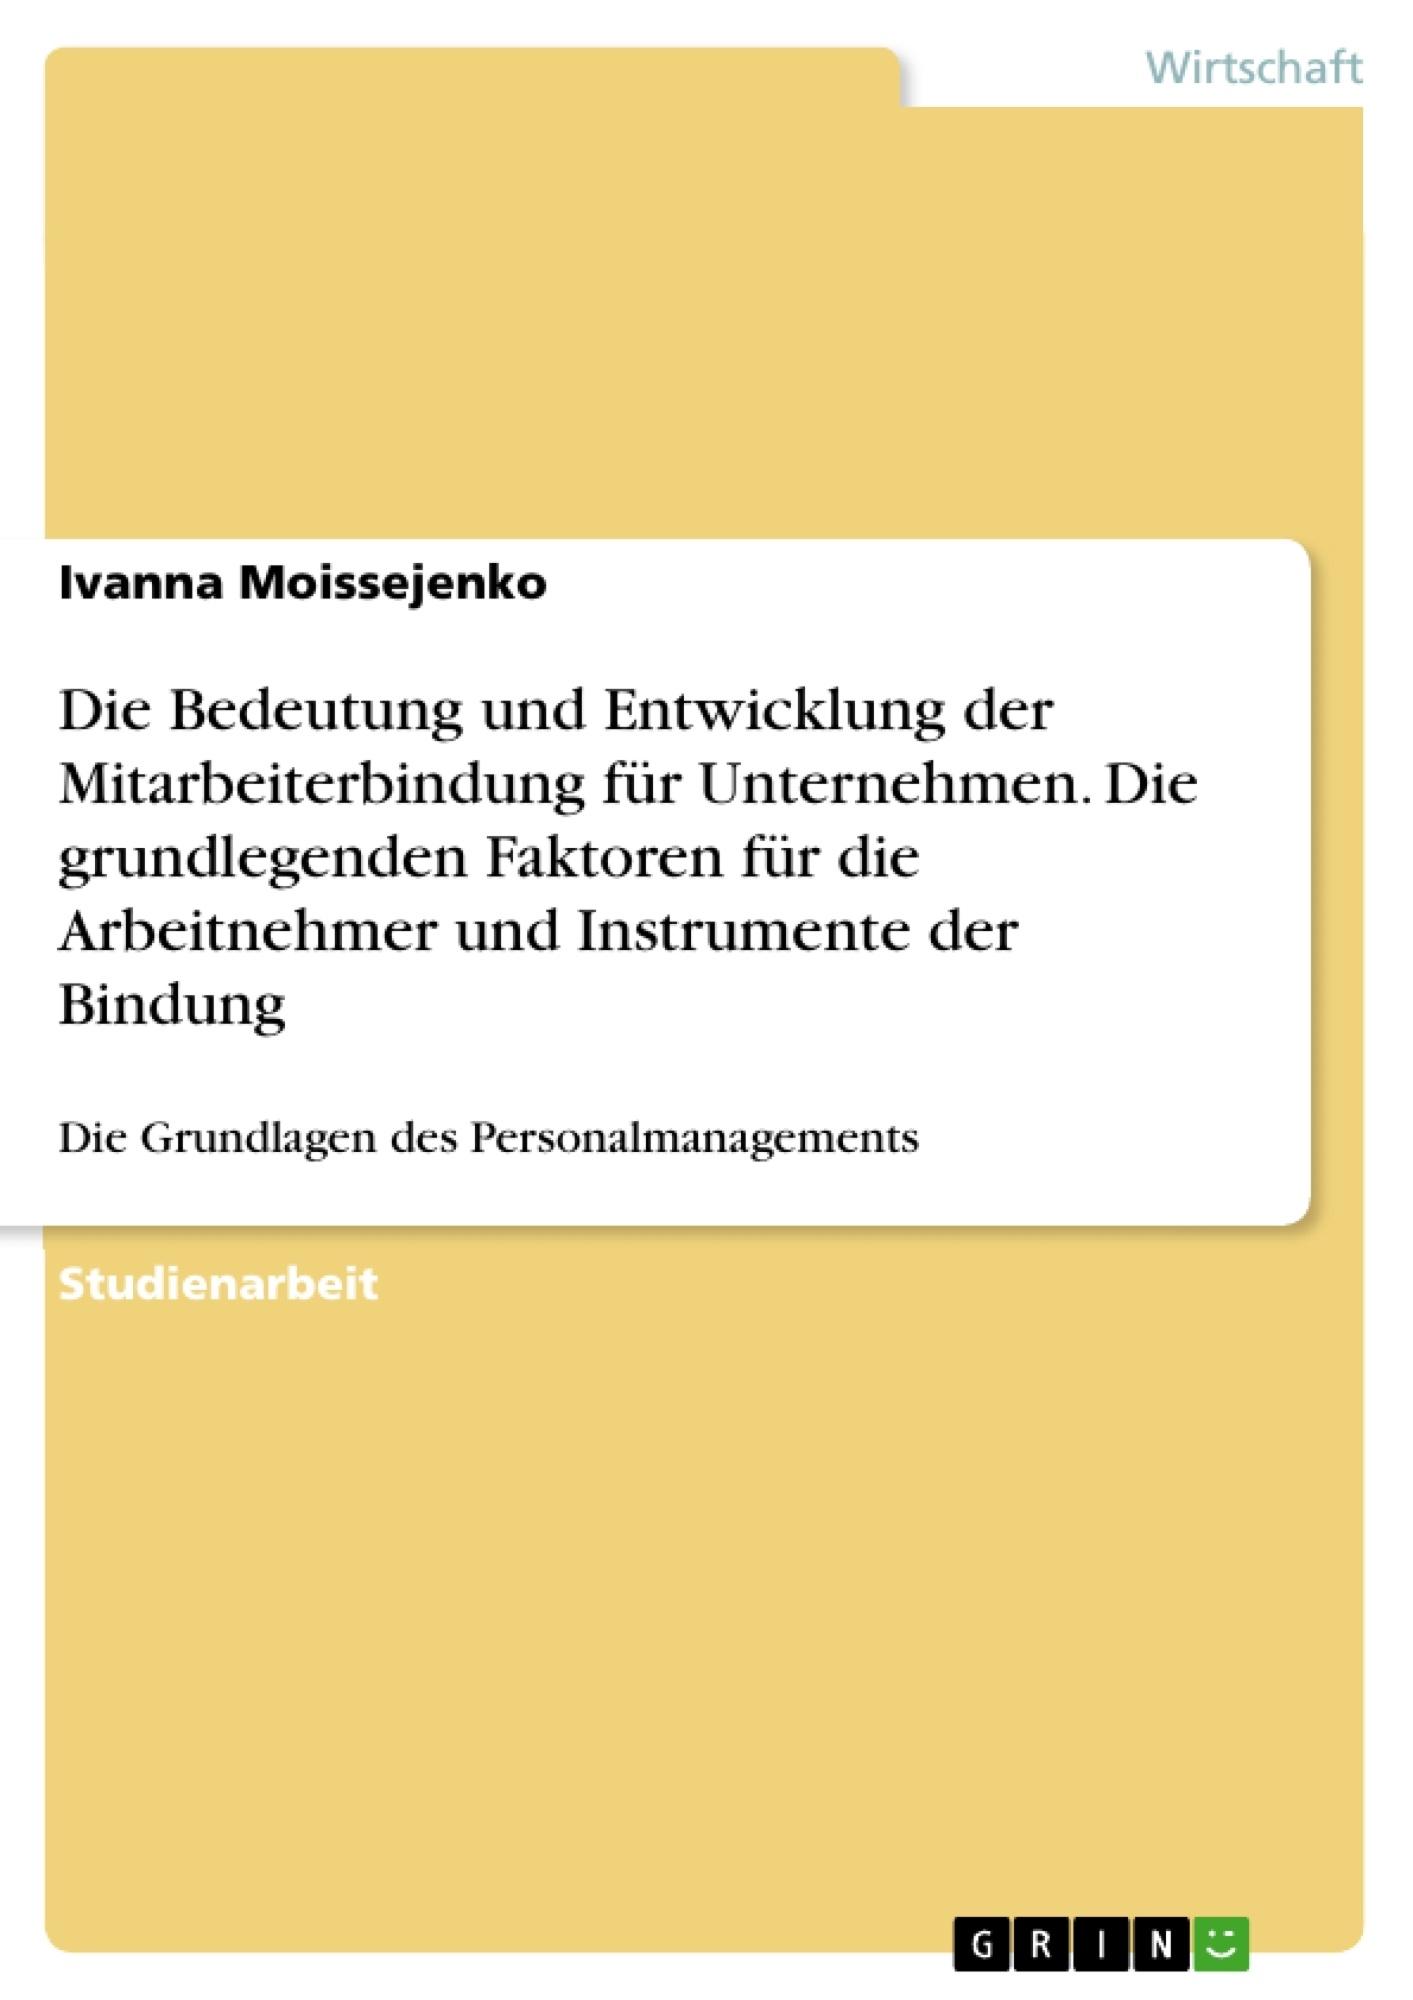 Titel: Die Bedeutung und Entwicklung der Mitarbeiterbindung für Unternehmen. Die grundlegenden Faktoren für die Arbeitnehmer und Instrumente der Bindung